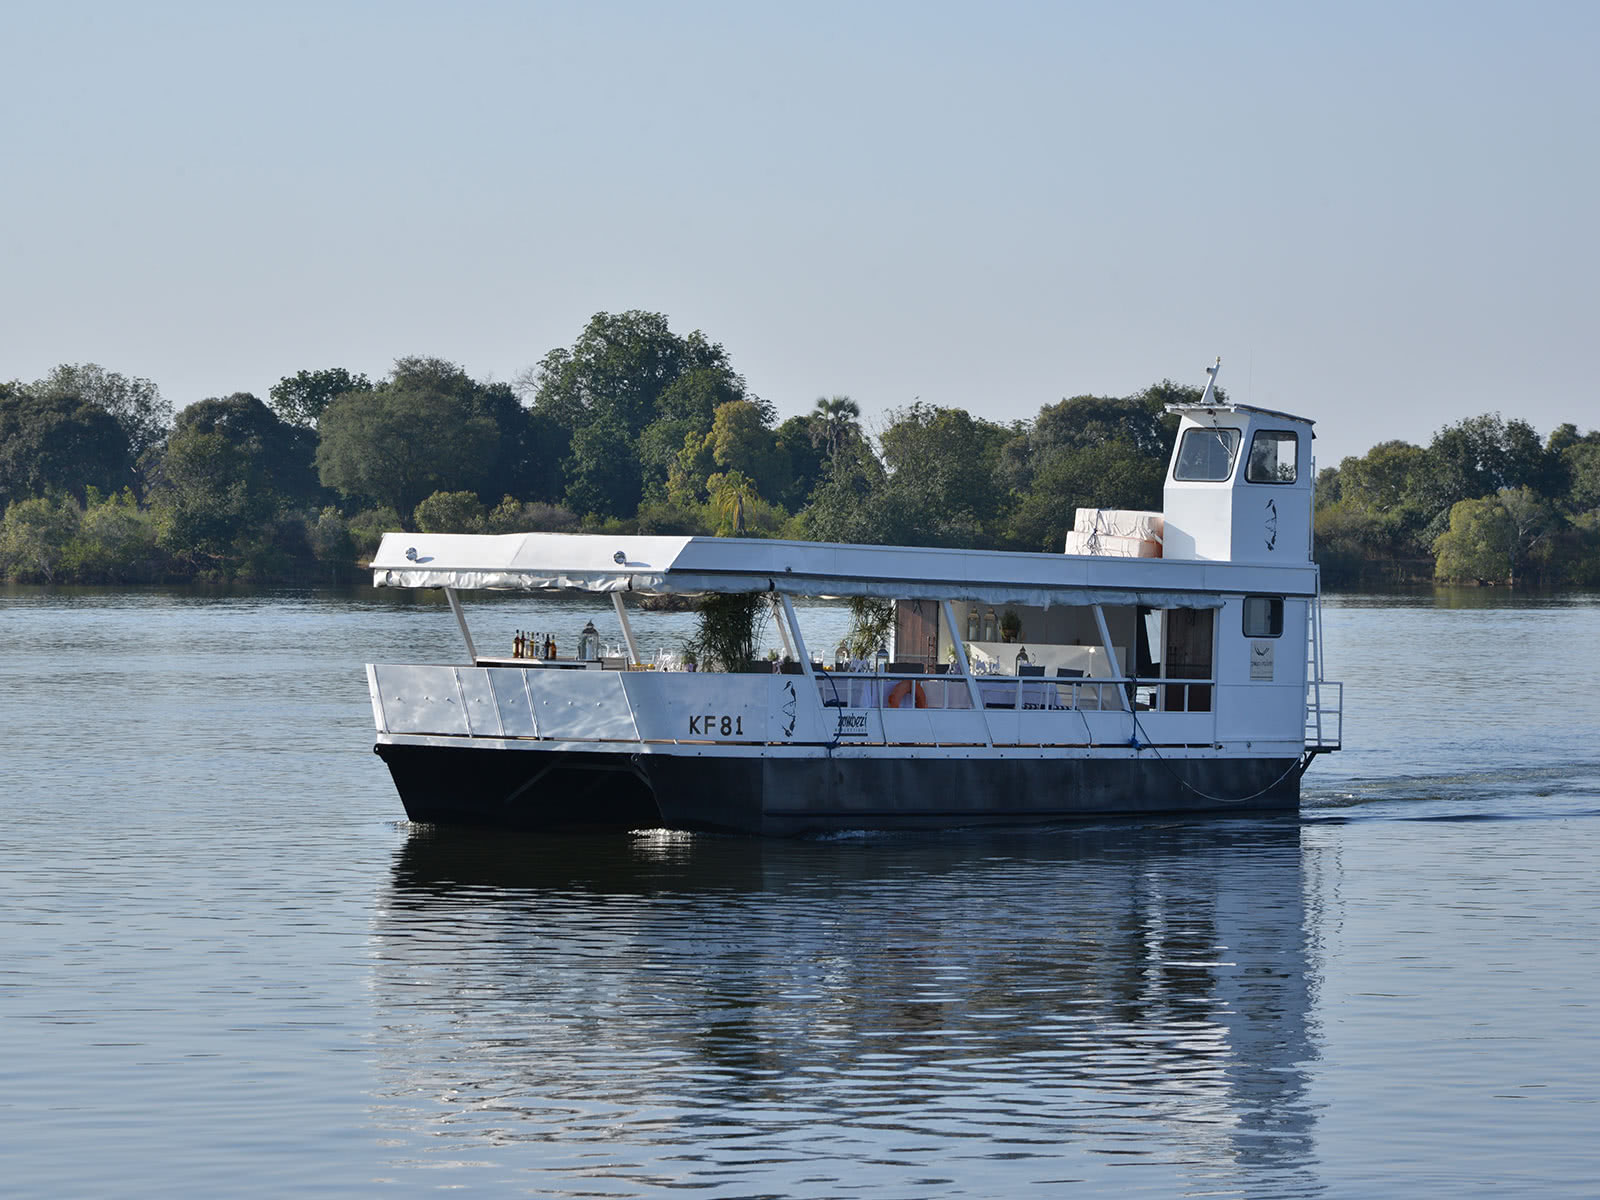 The Zambezi Reflections boat for dinner cruises on the Zambezi River in Victoria Falls, Zimbabwe